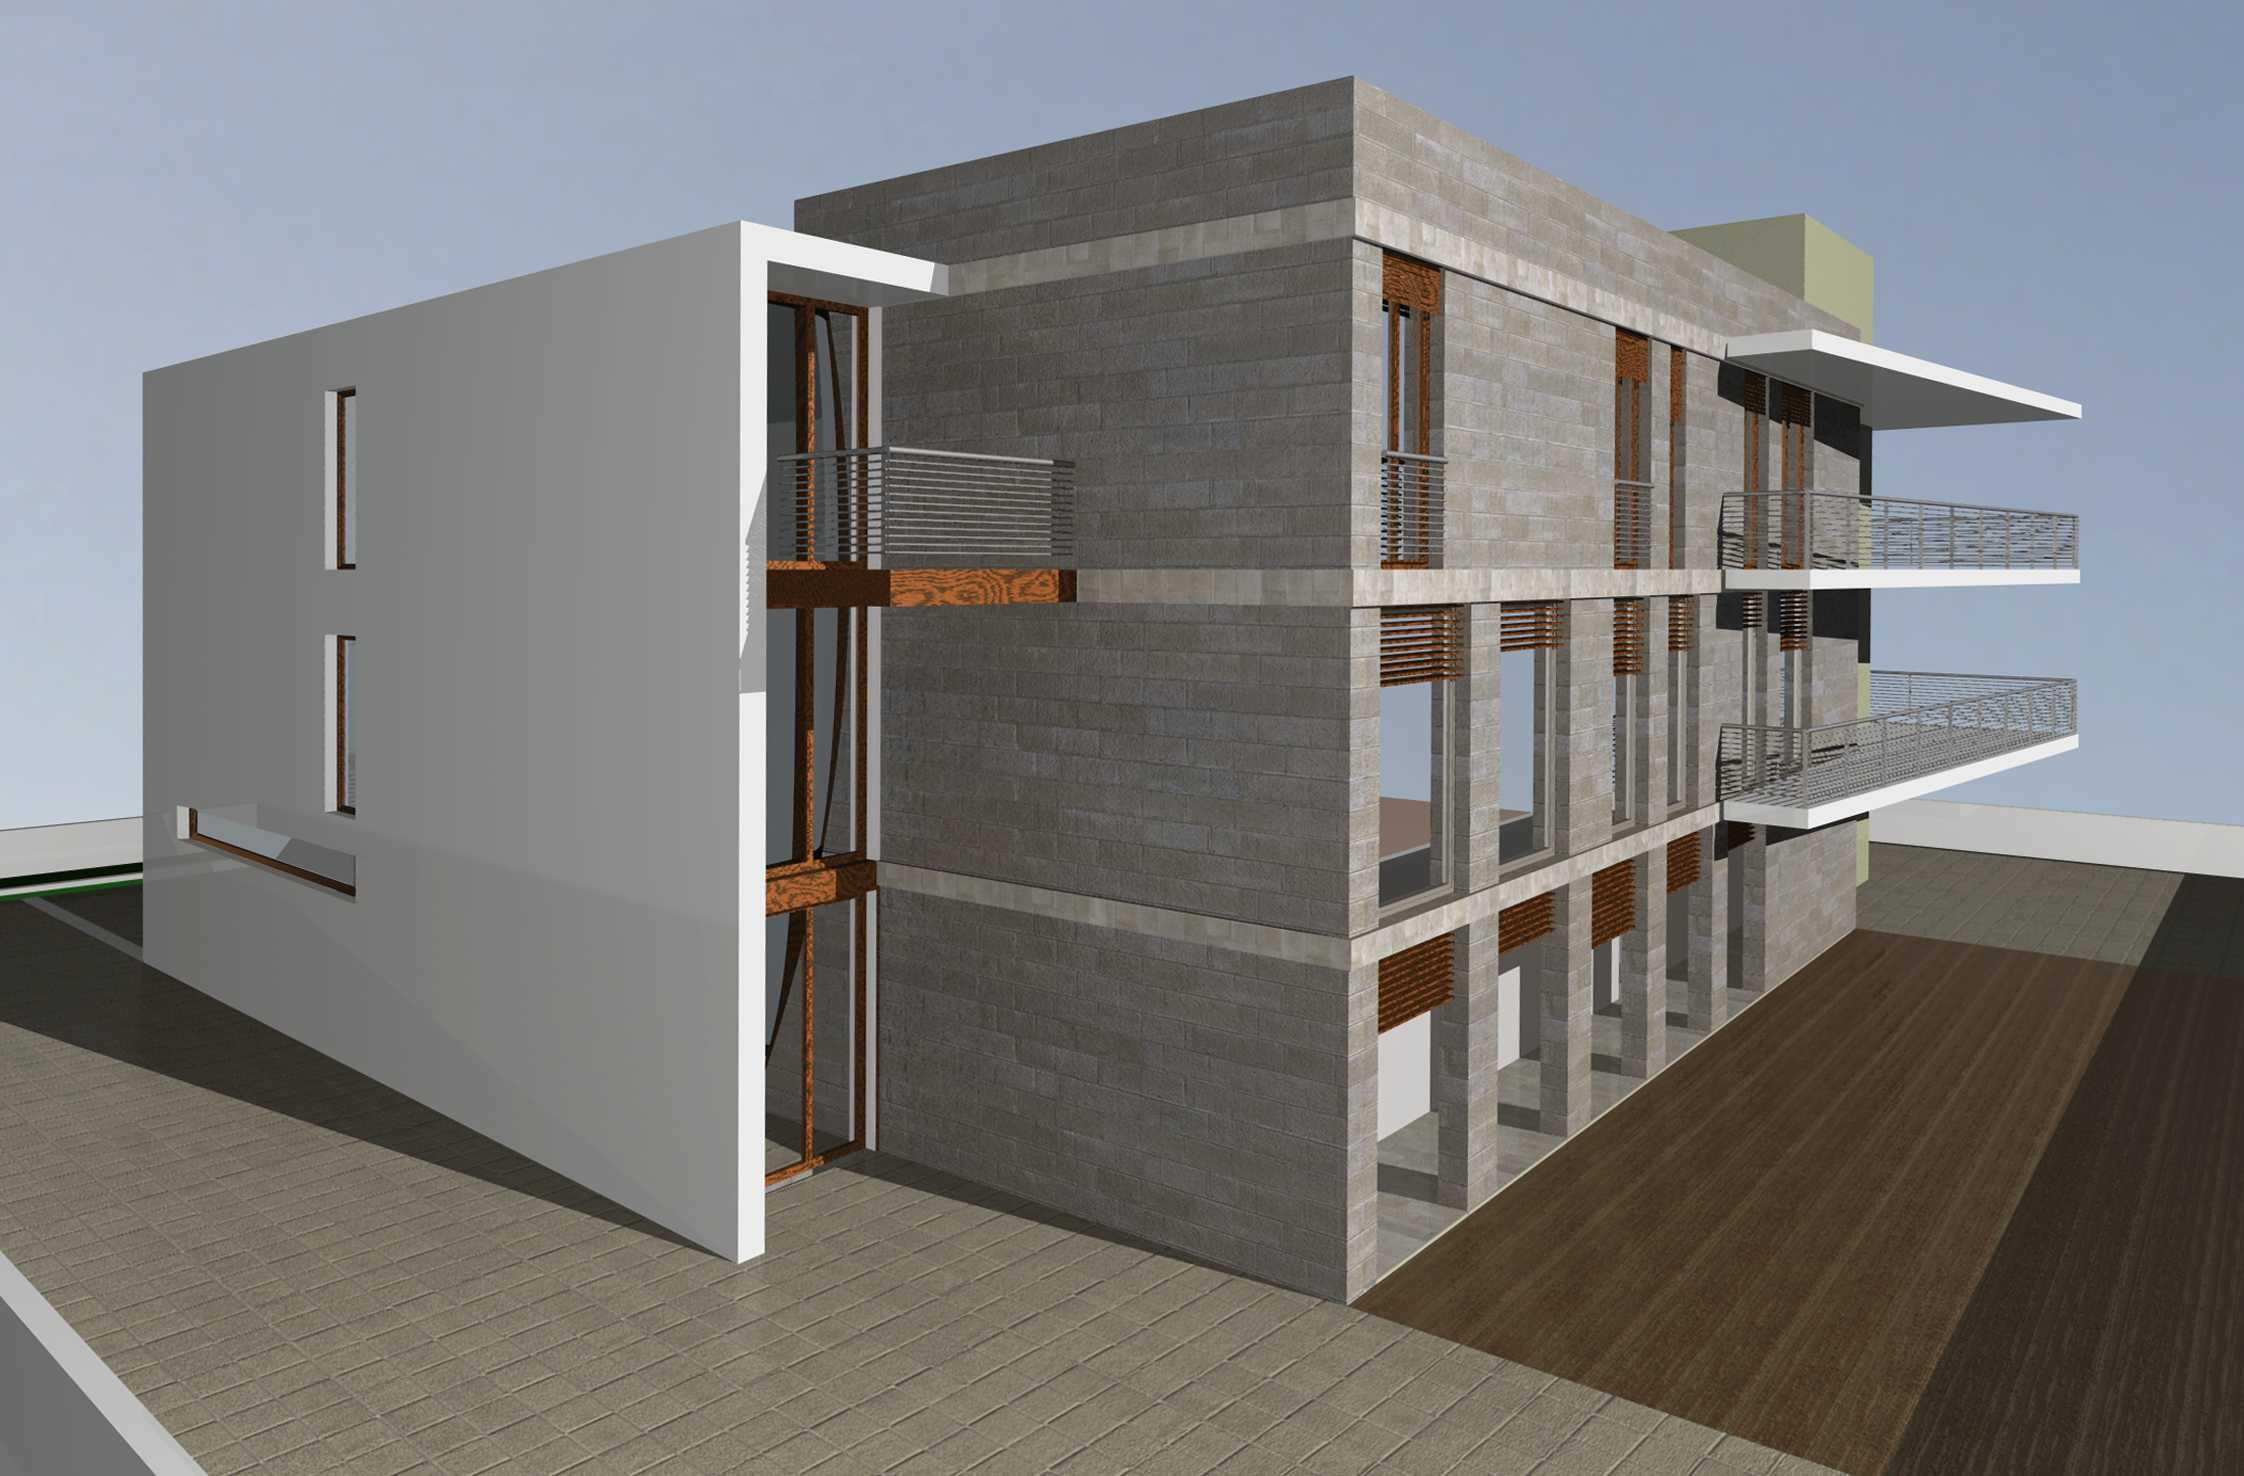 Progetto per una falegnameria architetto facile - Aprire finestra muro esterno ...